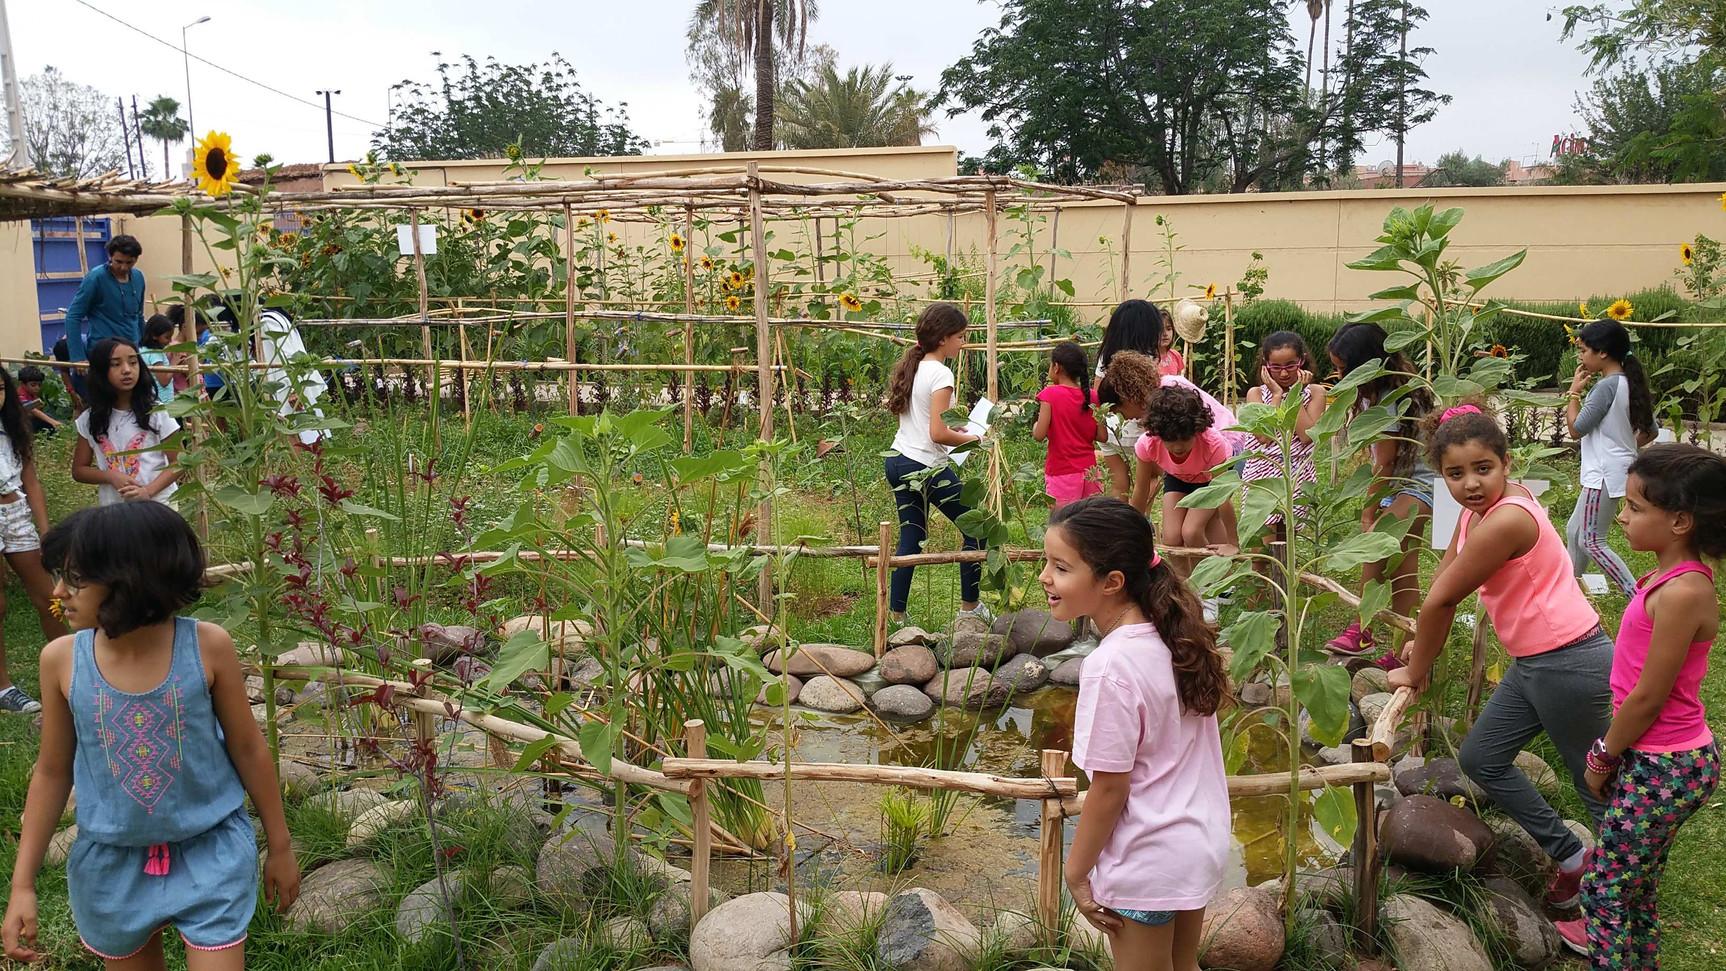 Le coeur d'un jardin pédagogique...